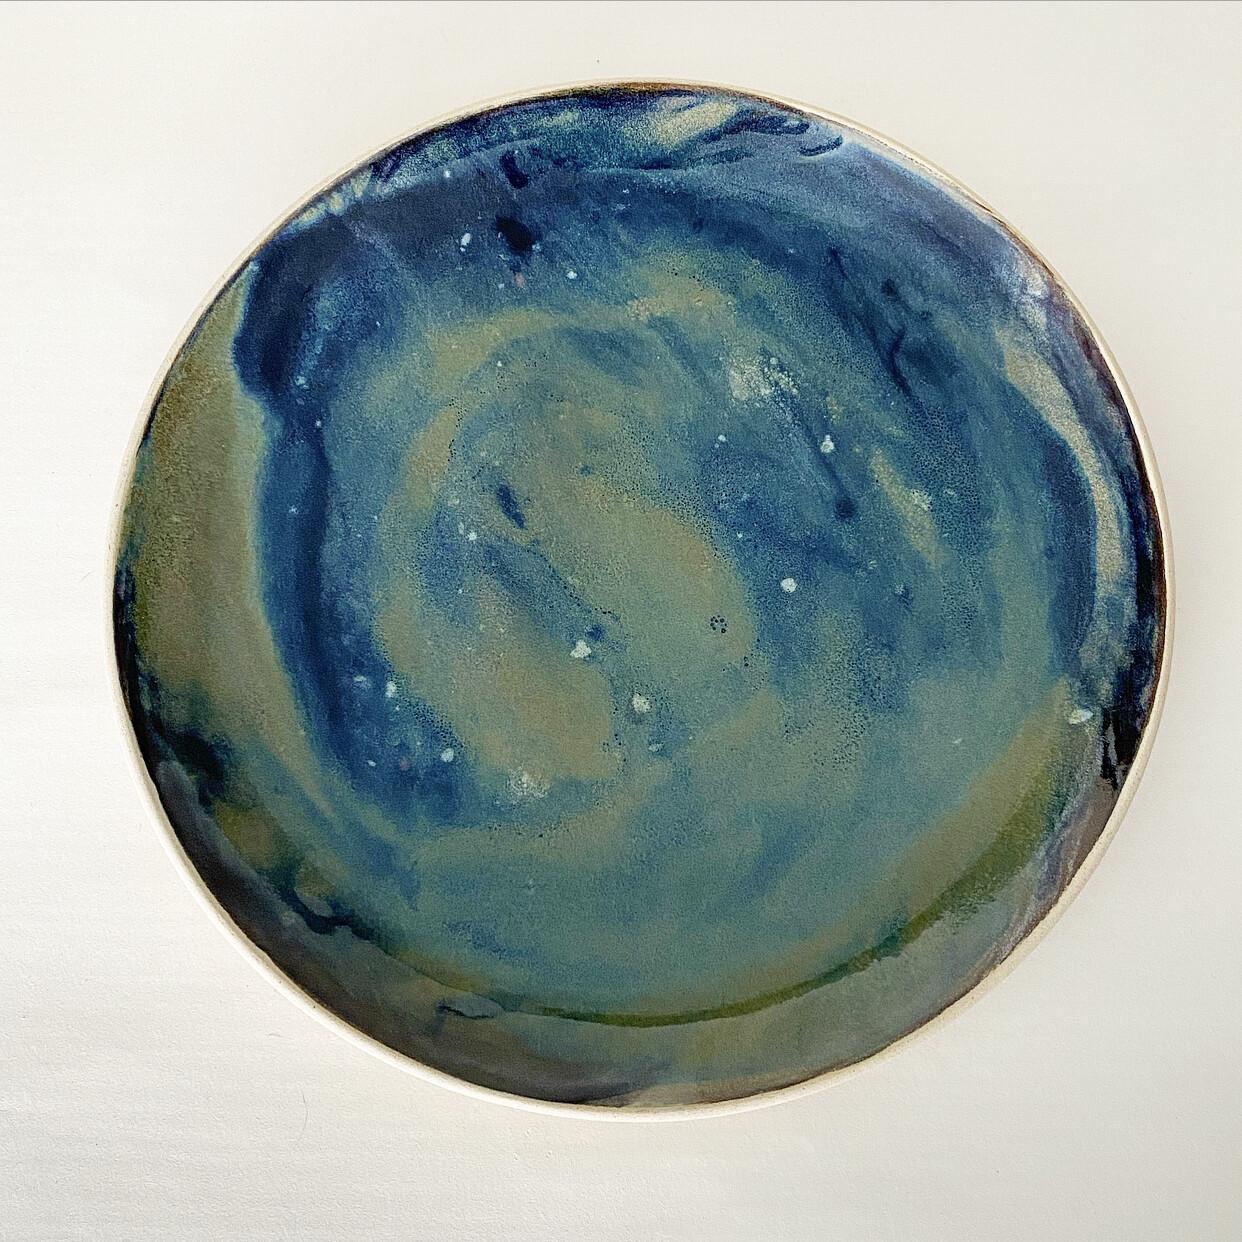 Medium poured platter